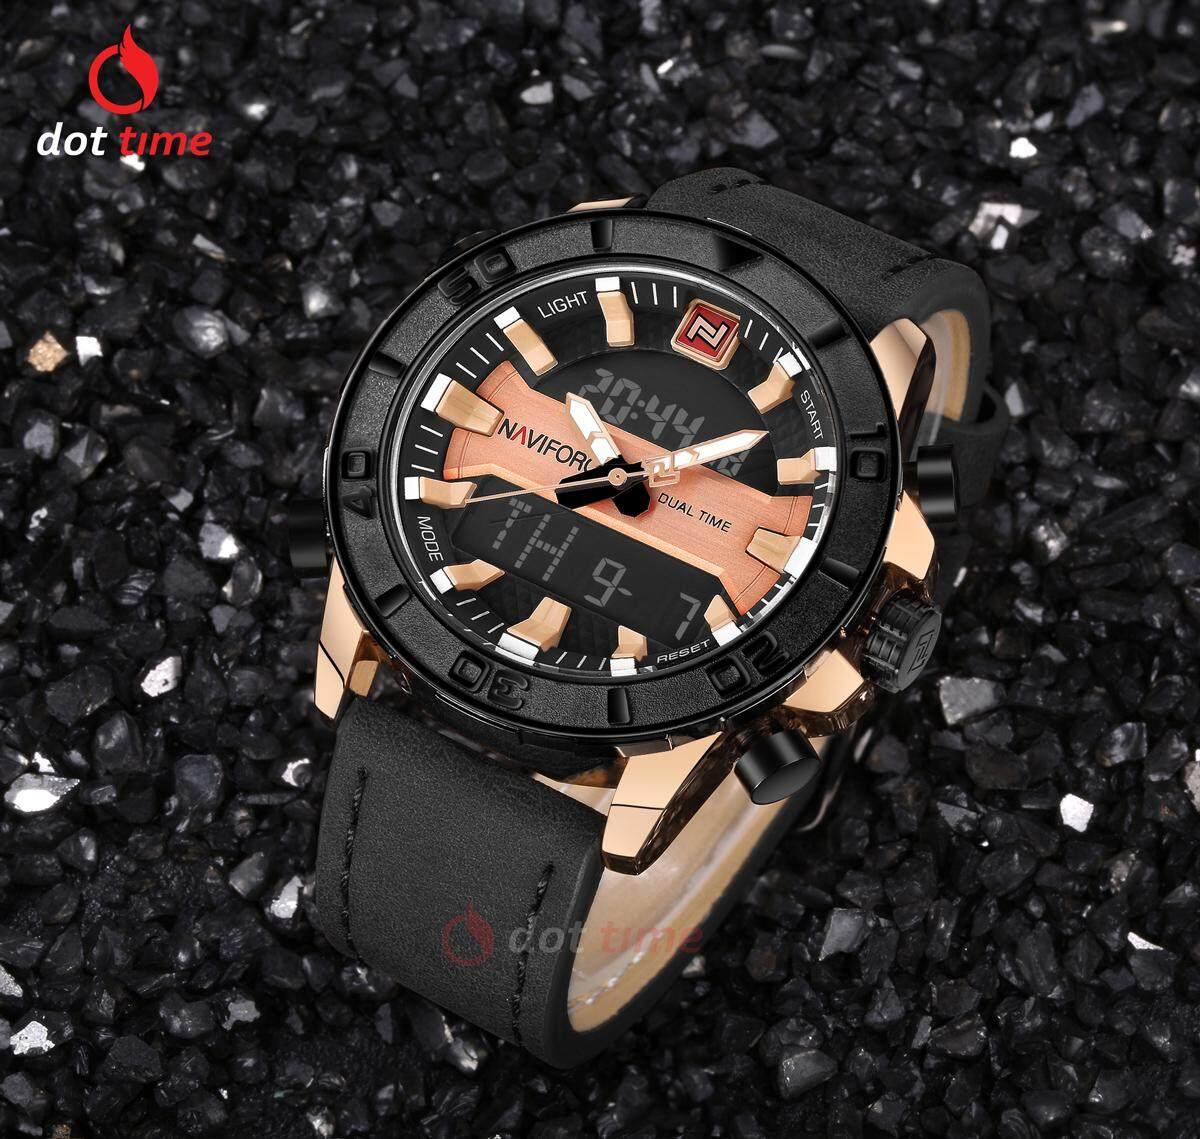 รับประกันศูนย์ไทย - Naviforce นาฬิกาข้อมือ ผู้ชาย แฟชั่น สปอร์ต  'NVF122BLG' Professional Waterproof ลดราคา ราคาถูก dot time